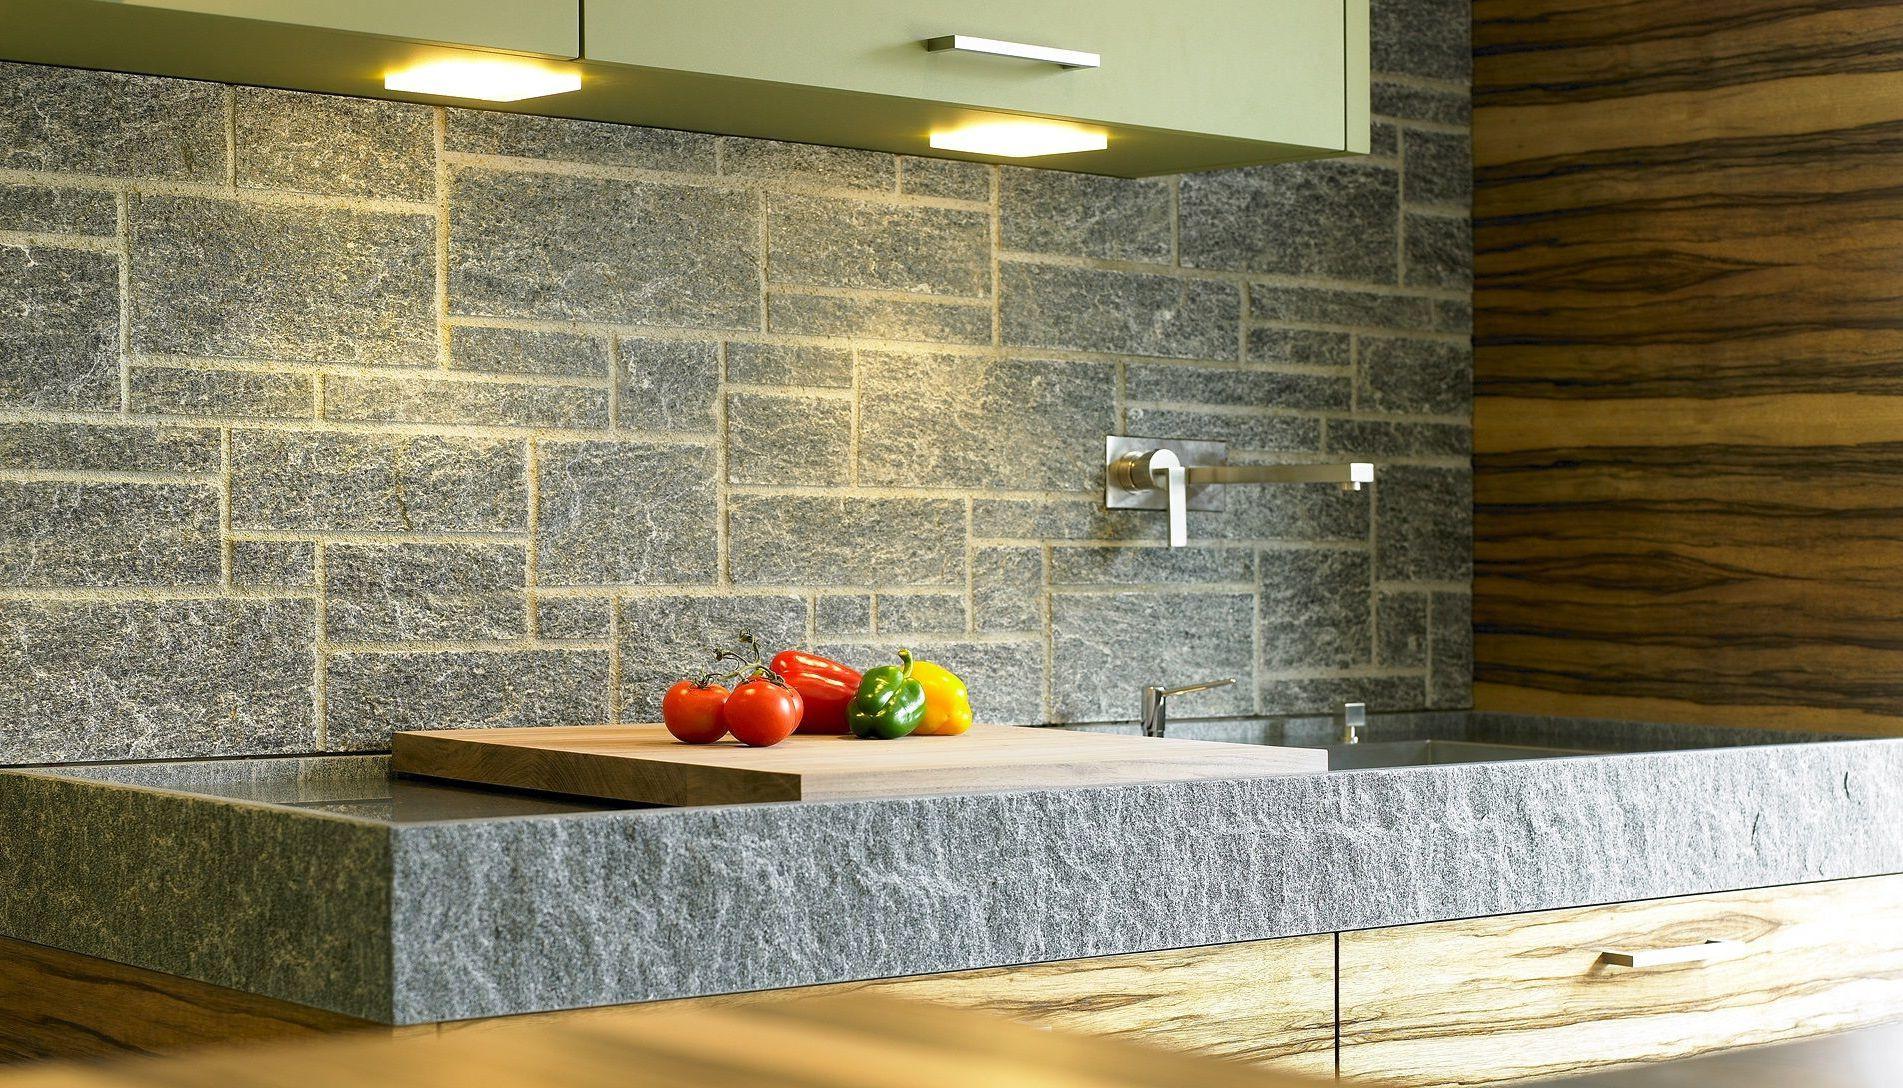 Spritzschutz Küche  Spritzschutz für Küche 39 Ideen für Individuelles Design